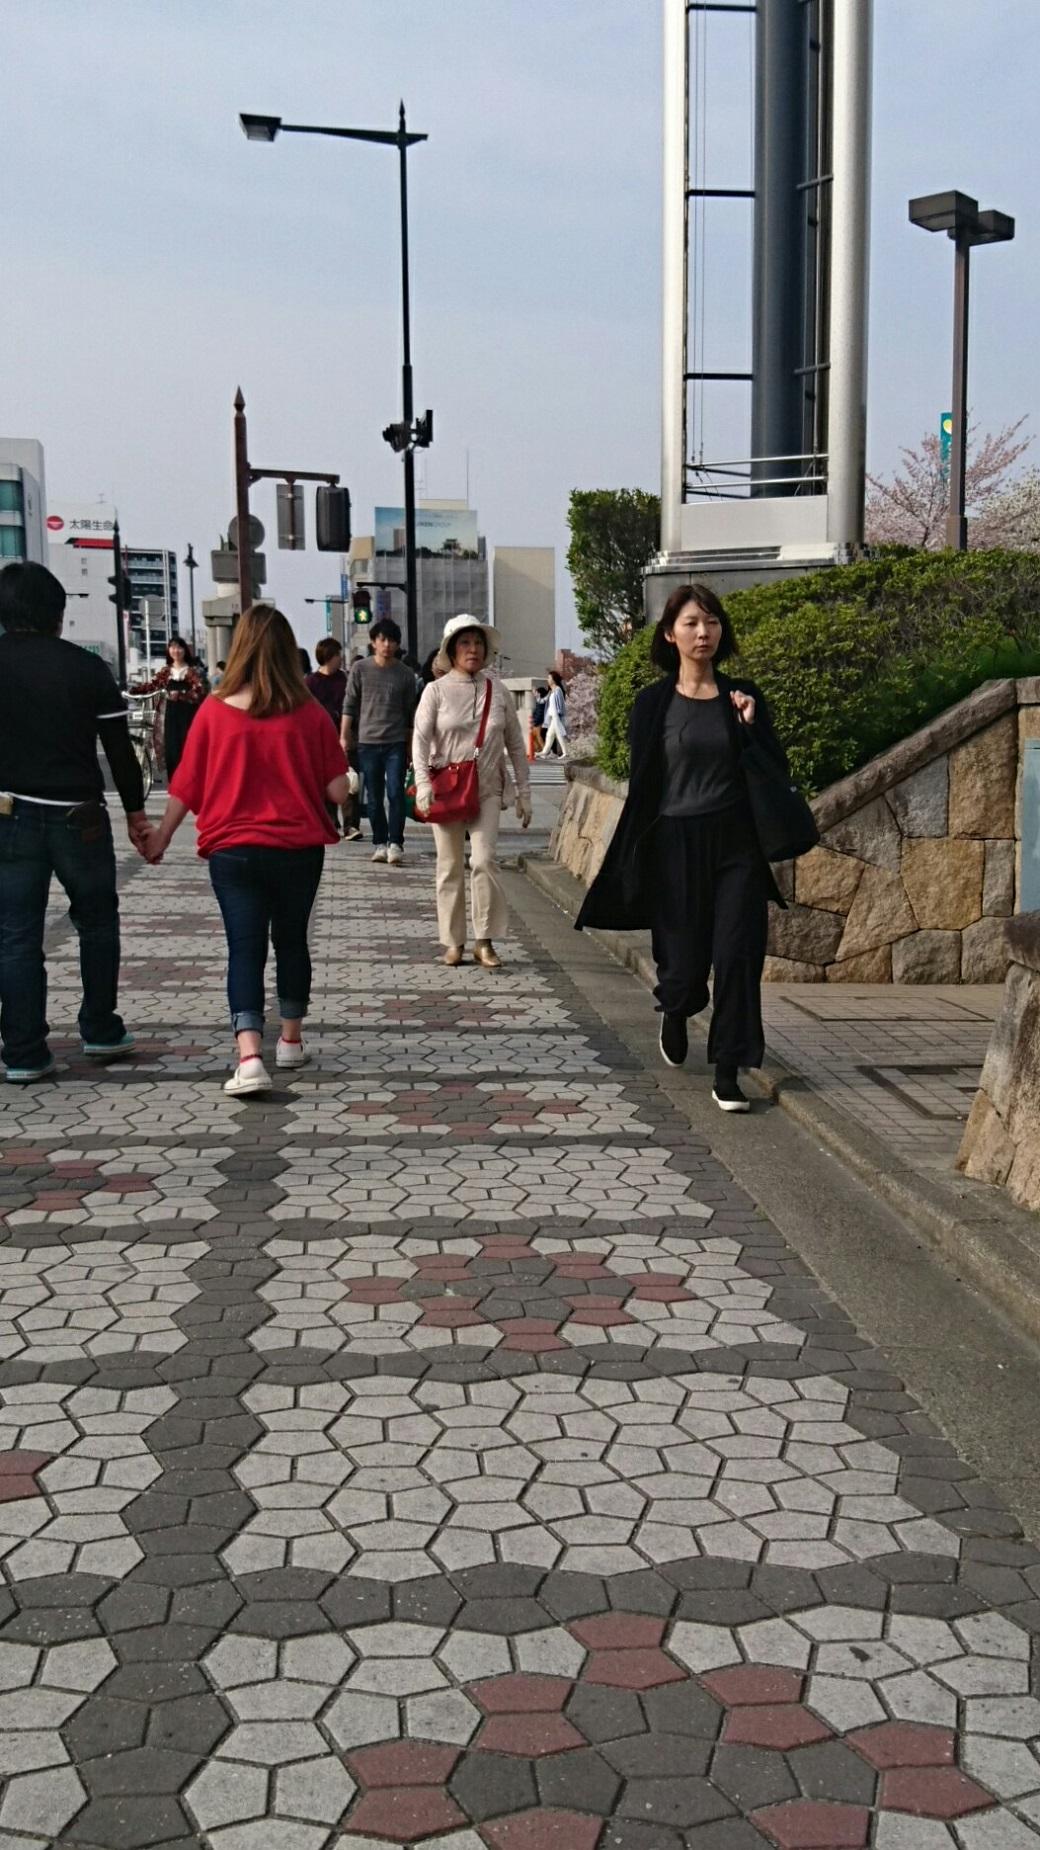 2018.4.1 東岡崎 (14) 殿橋のみなみ 1040-1850